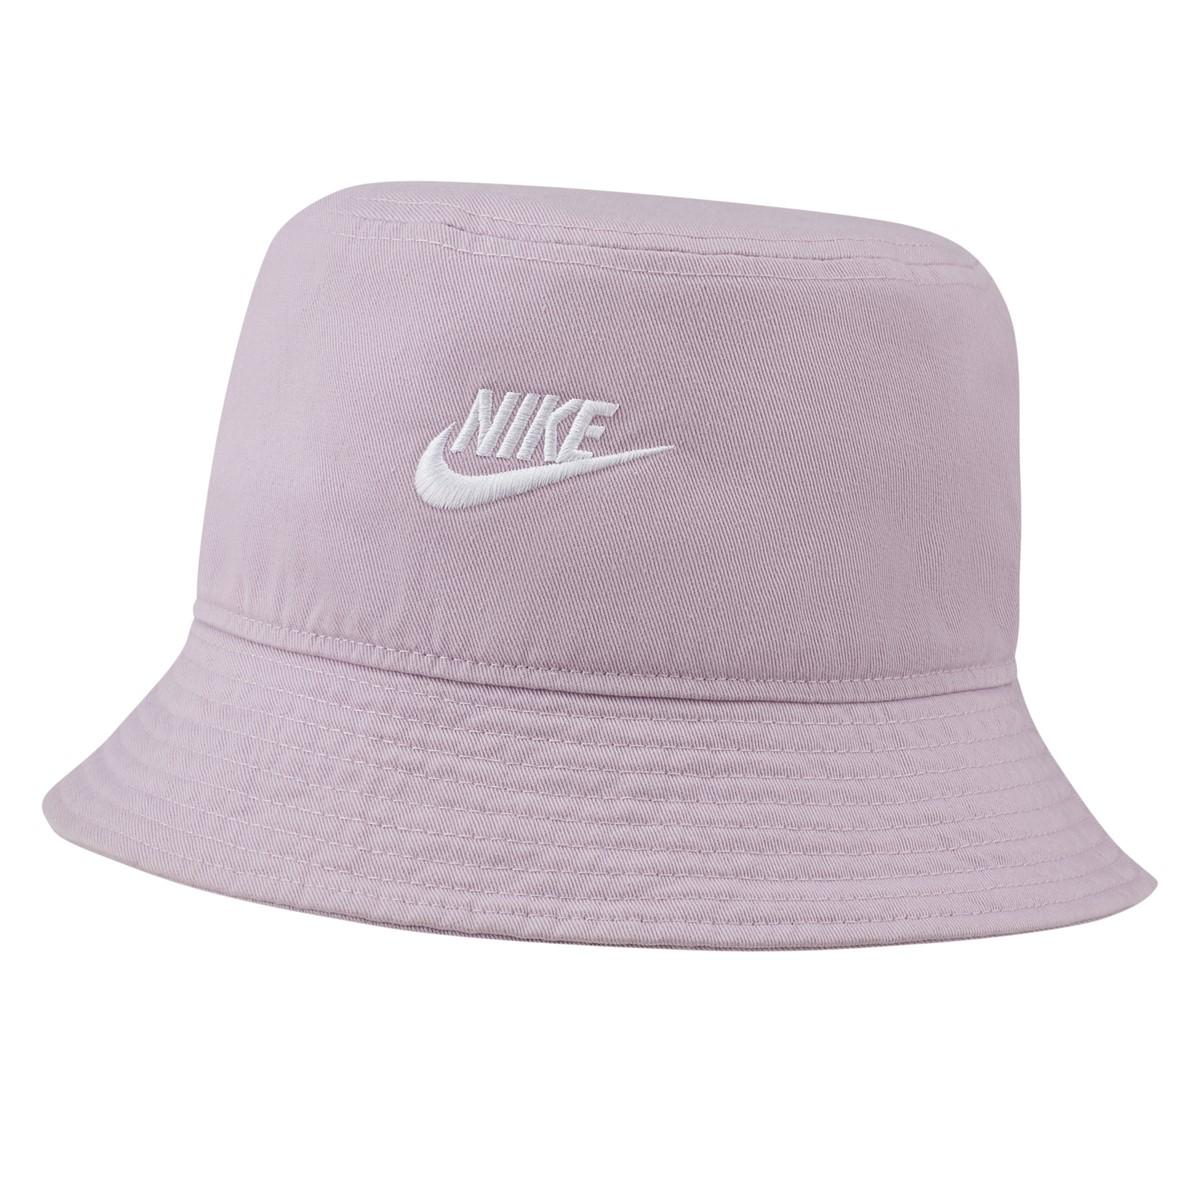 Sportswear Futura Bucket Hat in Lilac